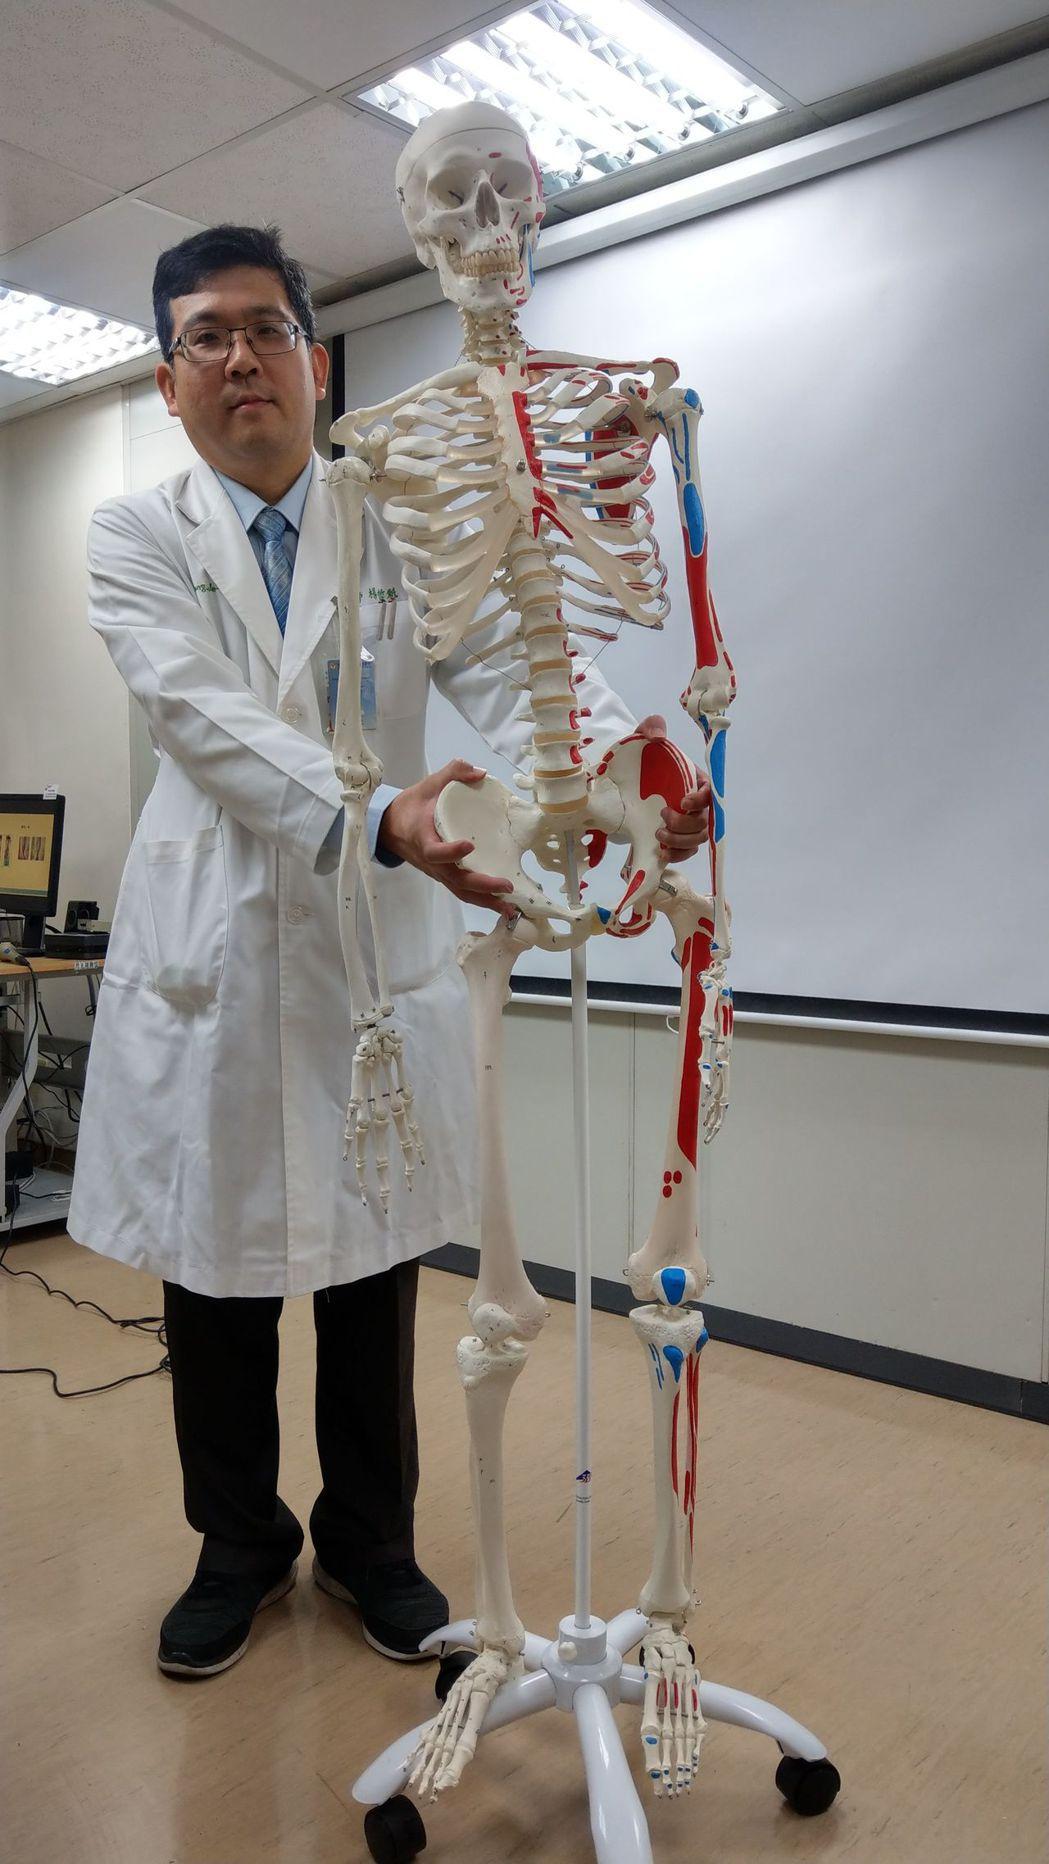 醫師楊哲魁說,林姓男童左右腳等長,因骨盆歪斜,屬於功能性長短腳。記者趙容萱/攝影